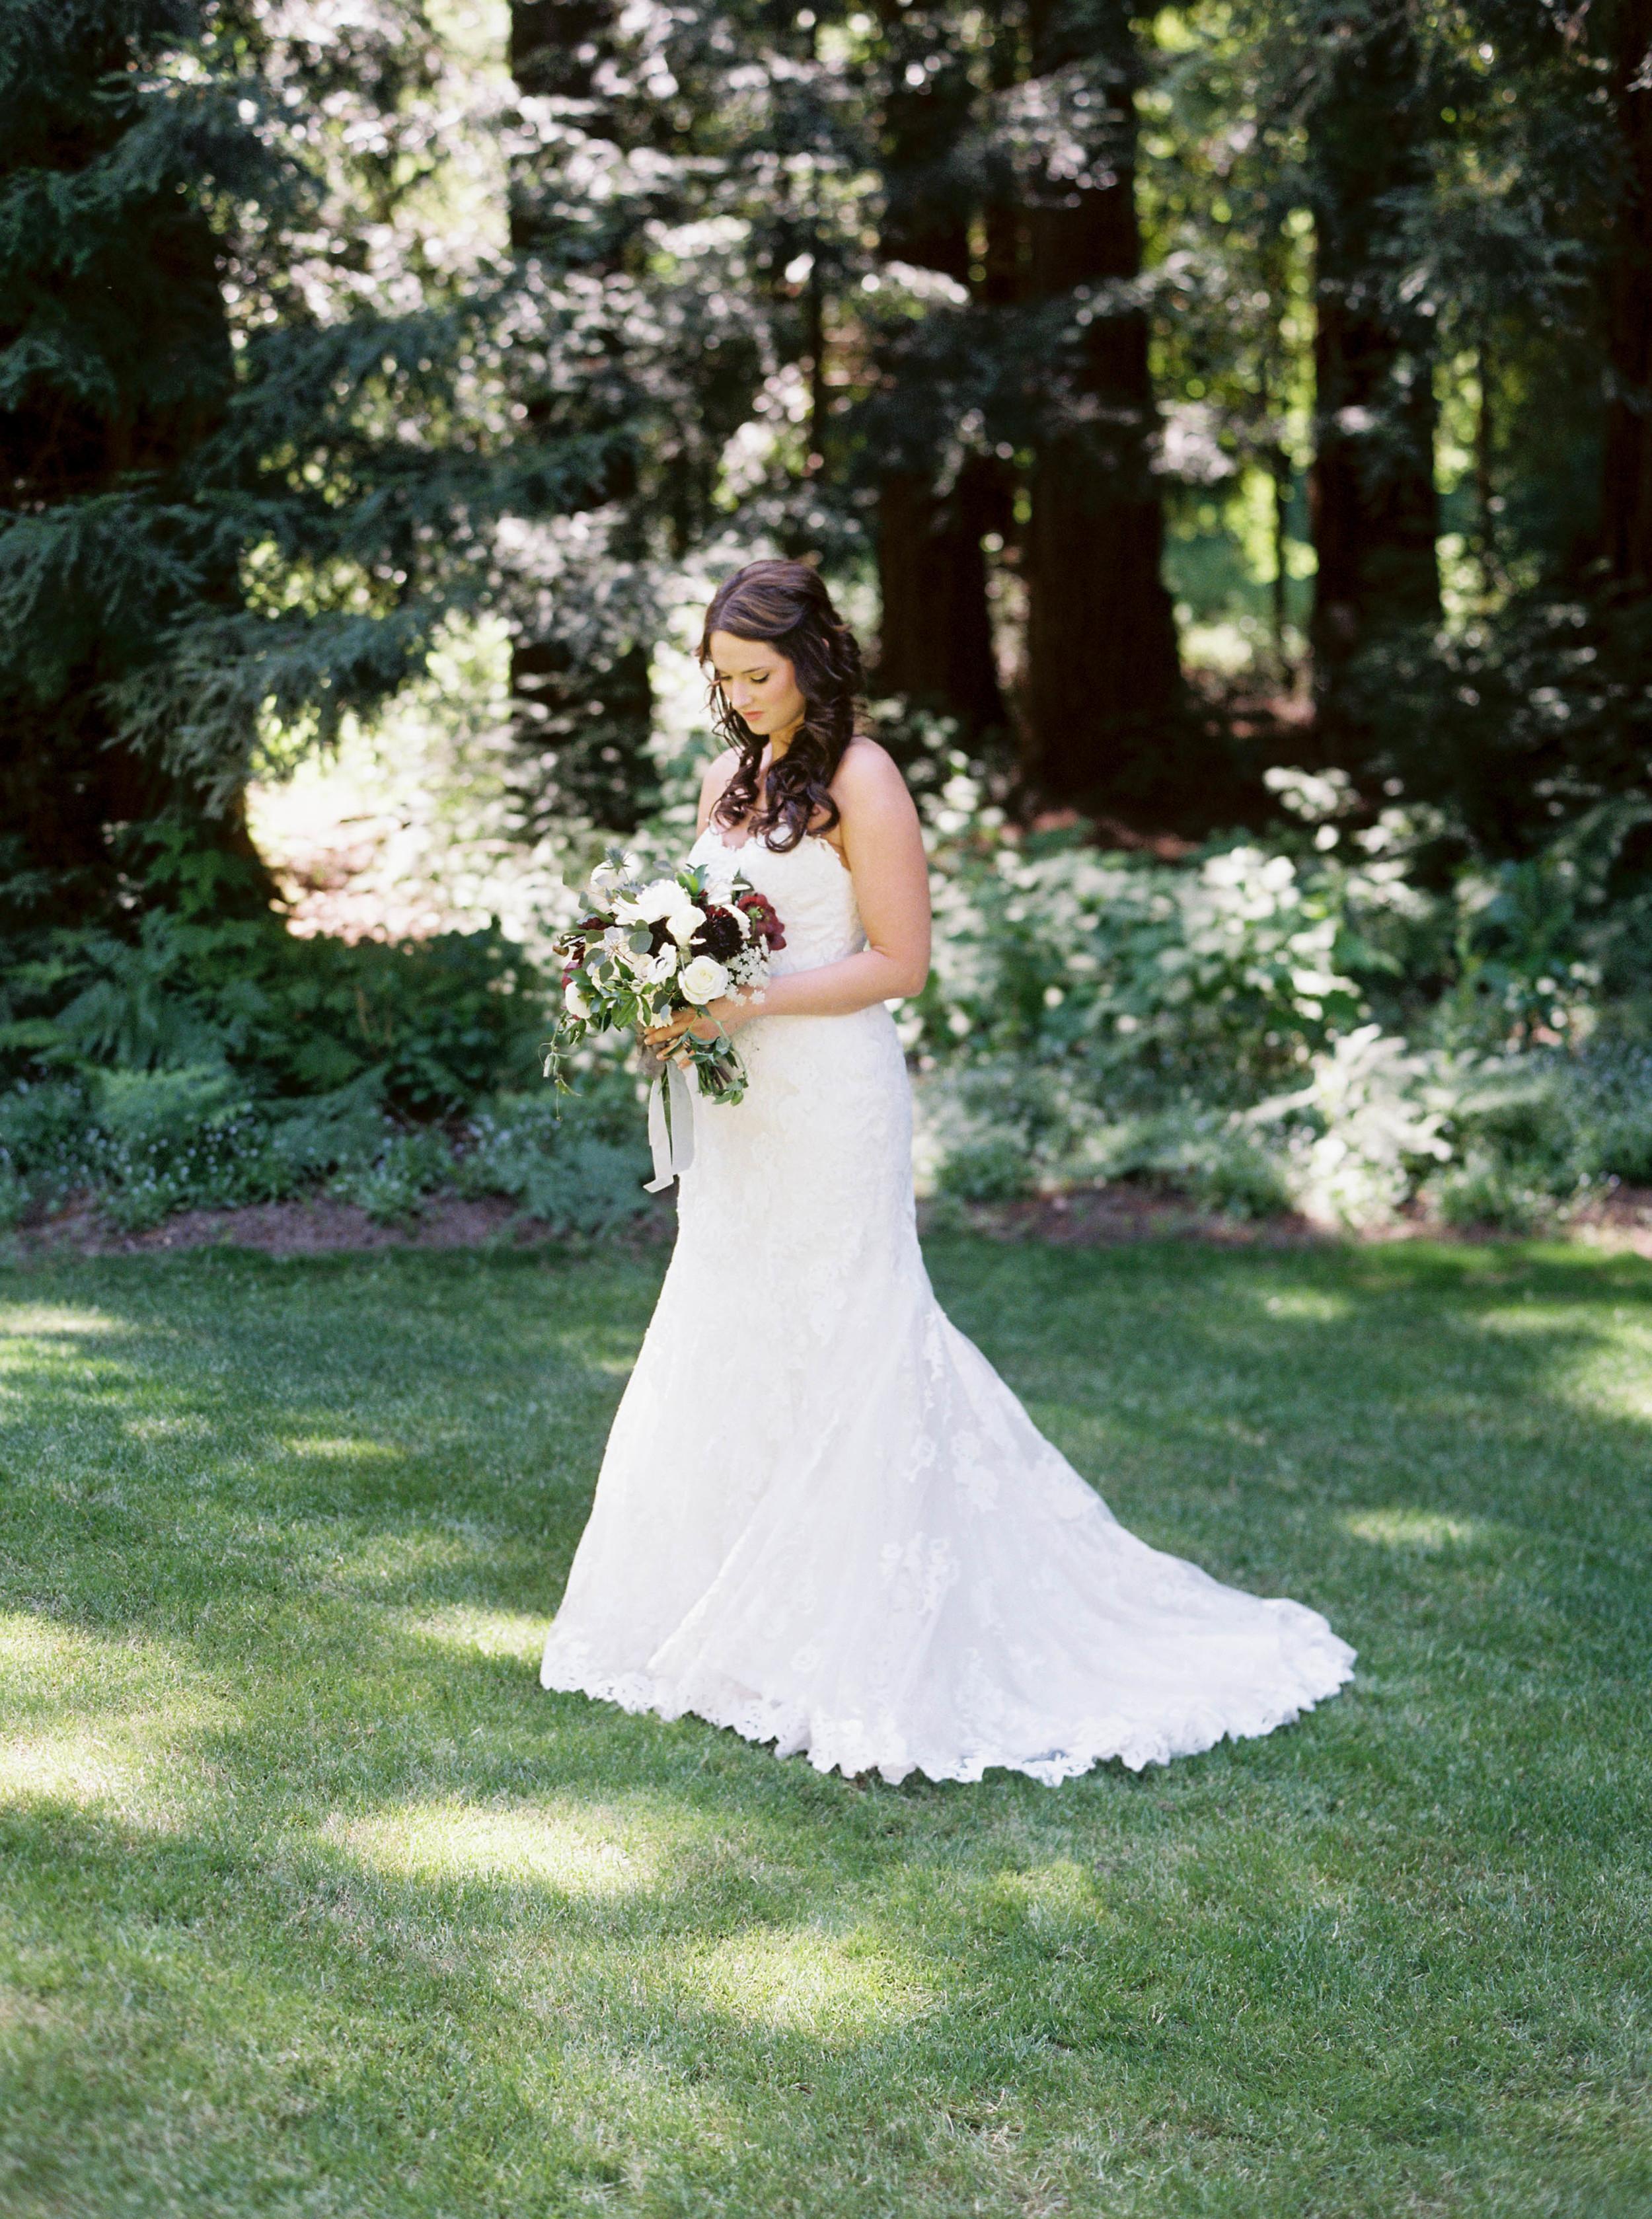 Meghan Mehan Photography - Alisa & Aaron_Nestldown Wedding - 144.jpg